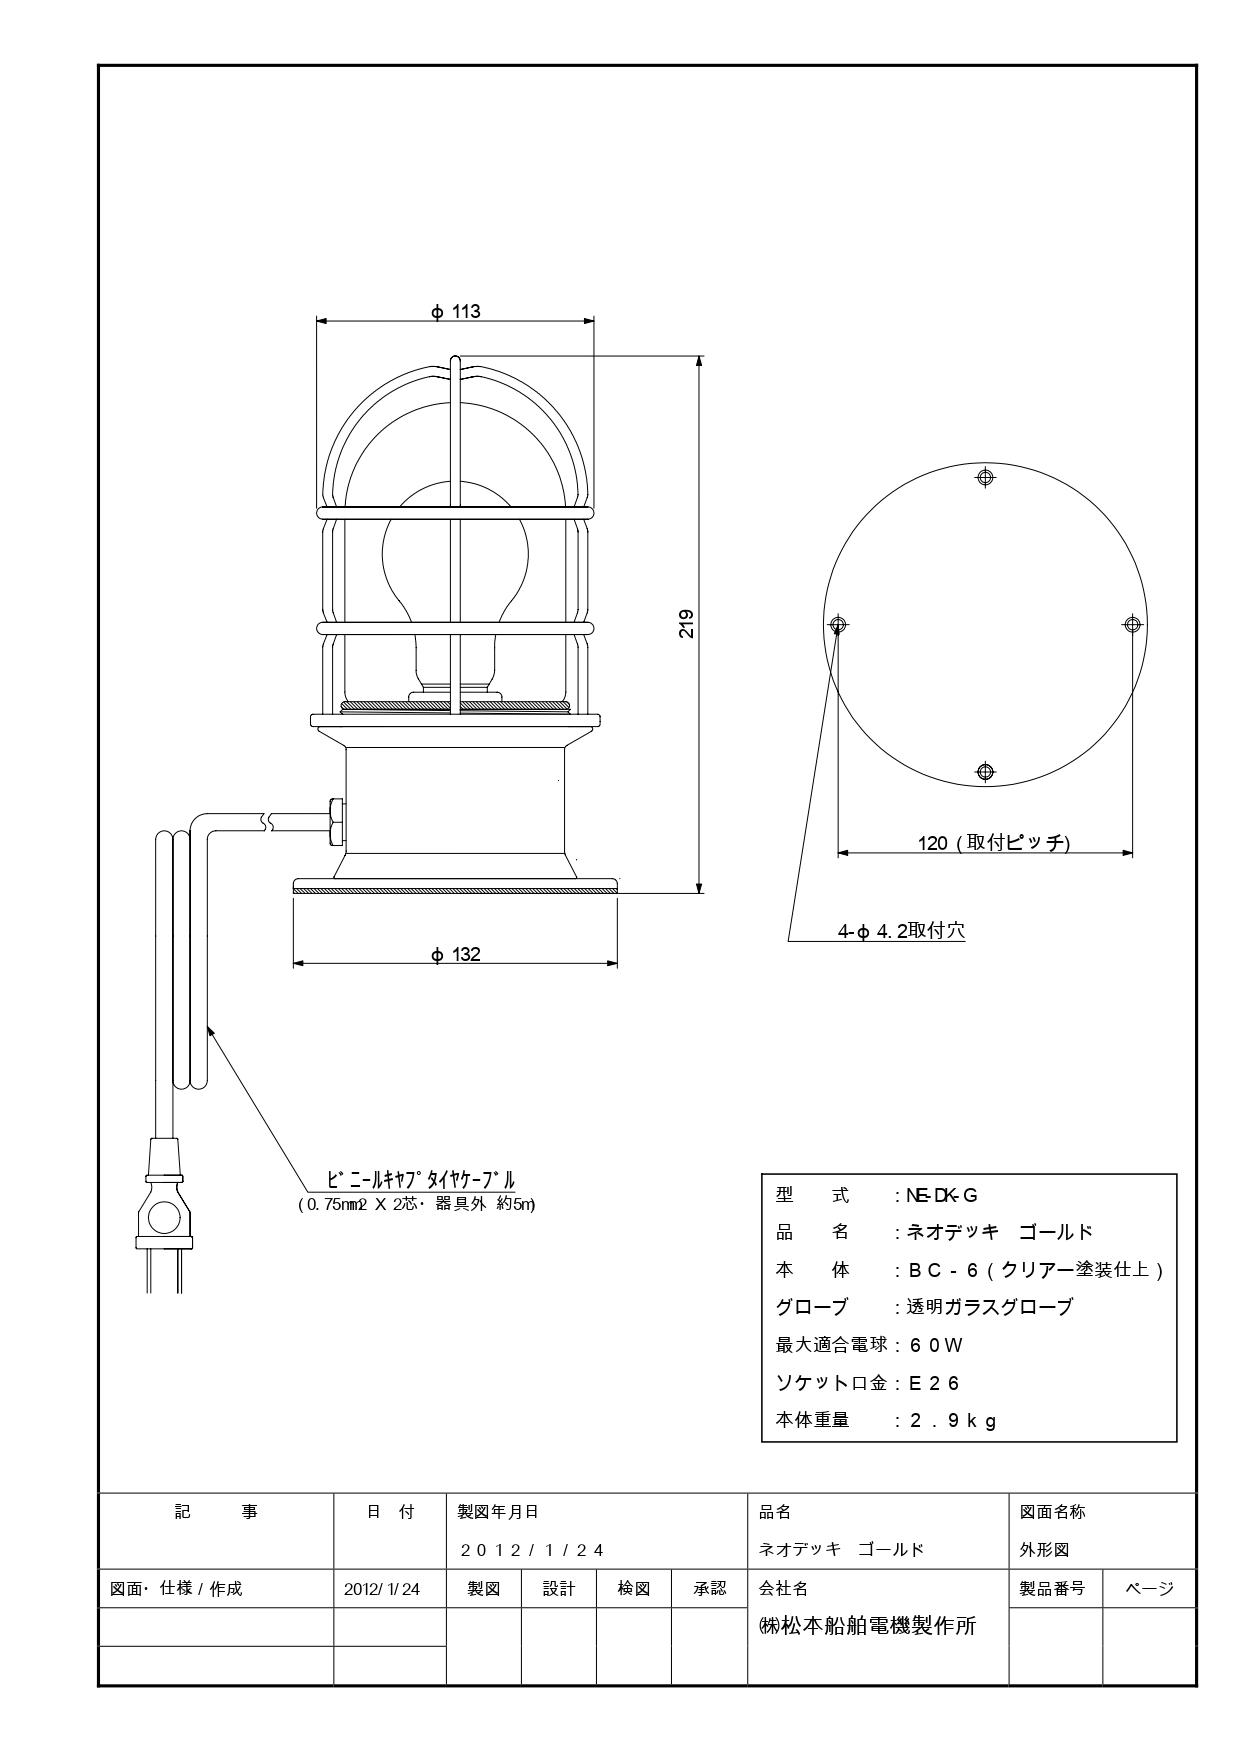 ネオデッキライト 施工説明書_page-0004